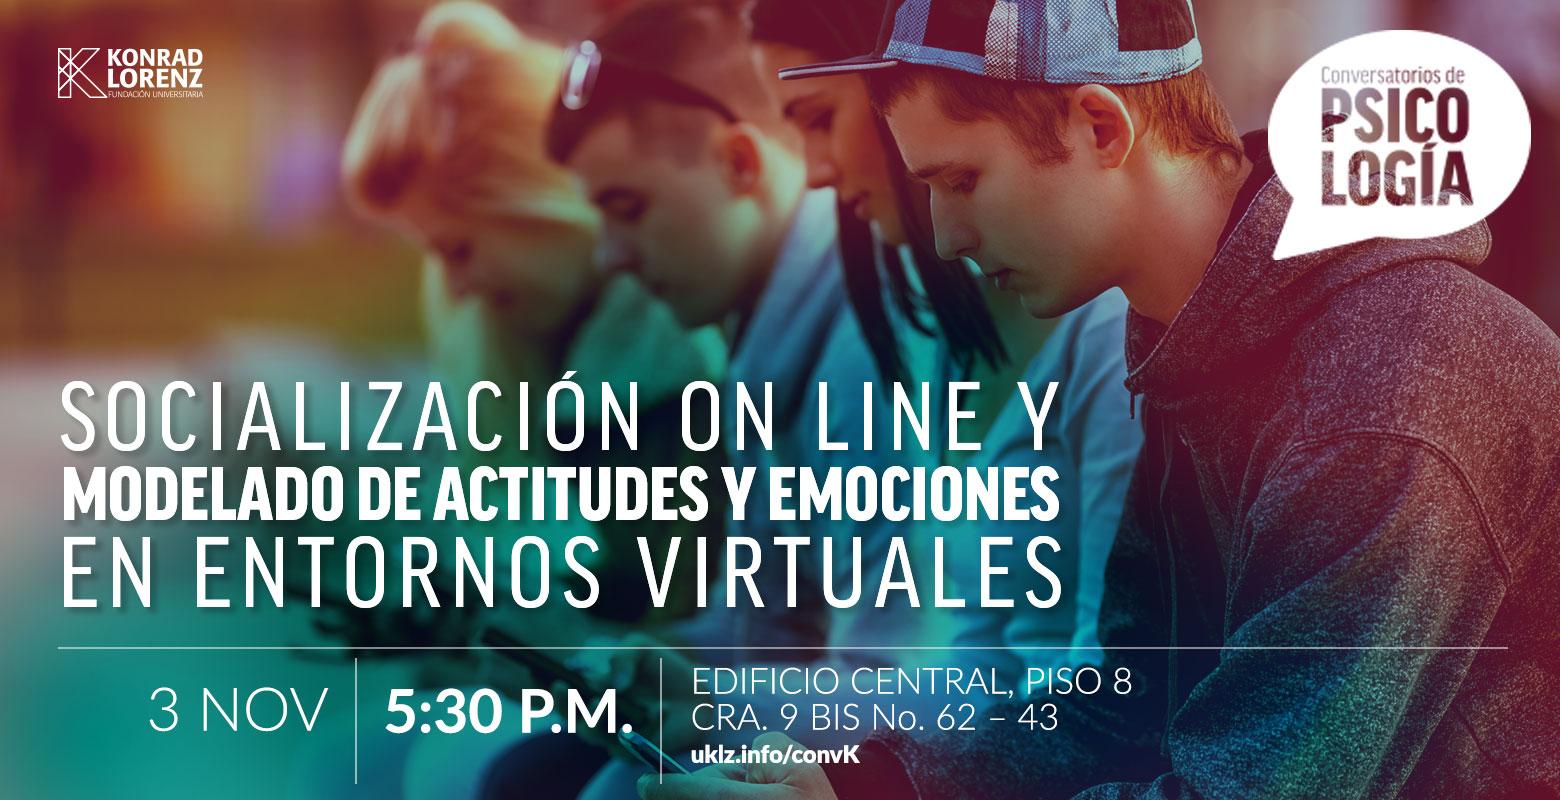 Conversatorio: Socialización online y modelado de actitudes y emociones en entornos virtuales